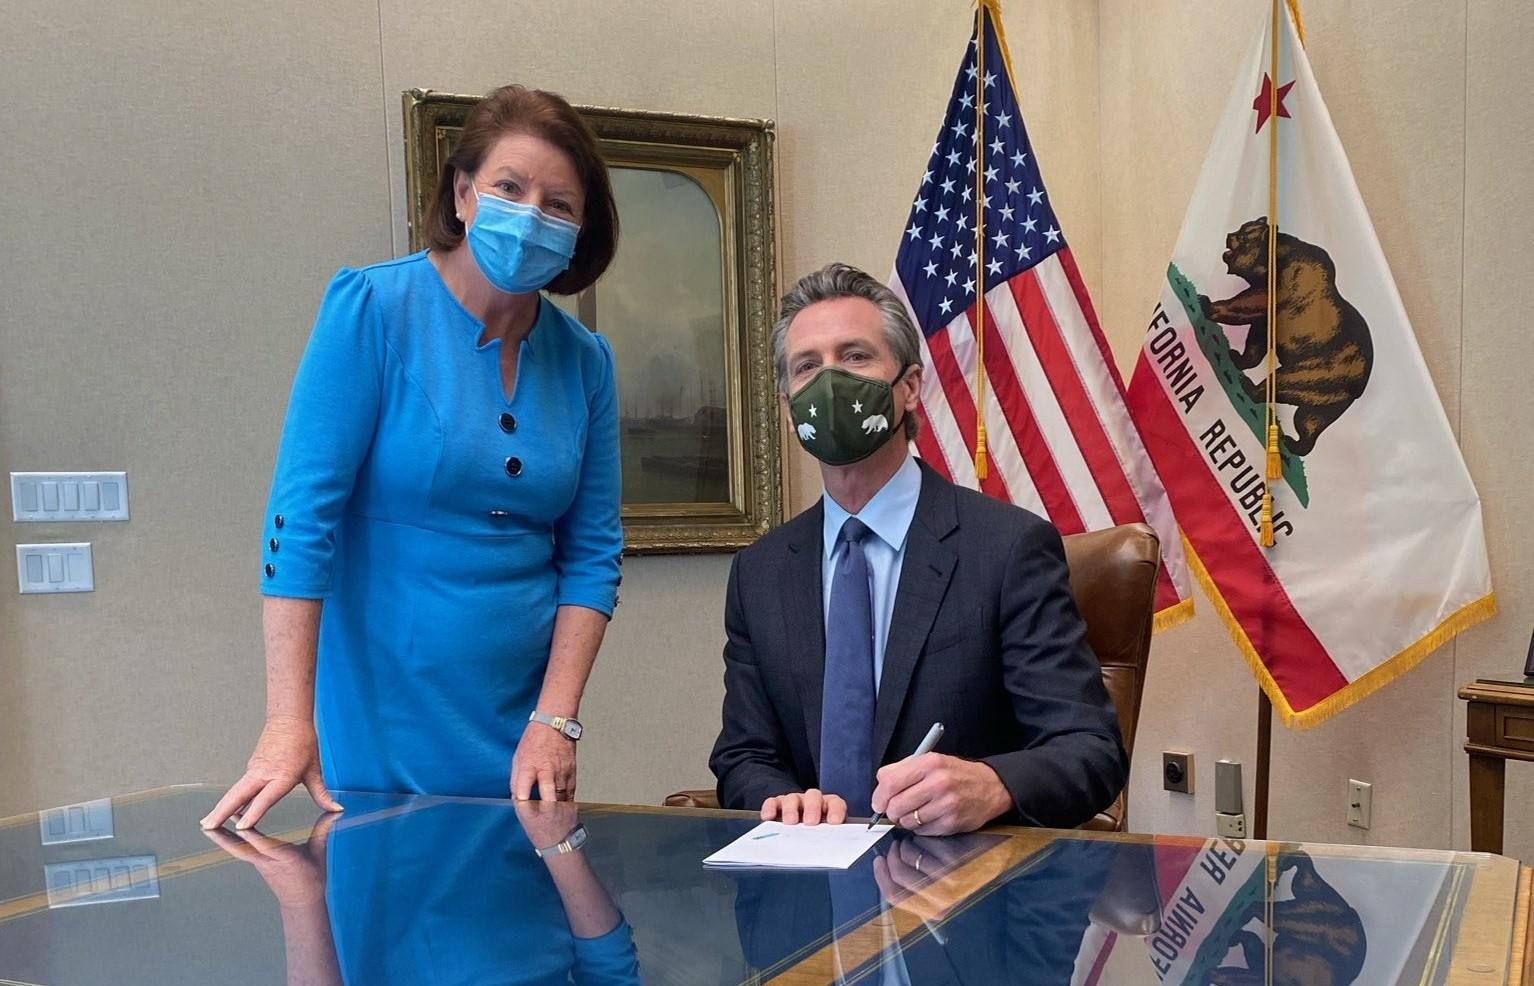 纽森签署新住房法案,或将减少加州的单户住宅区划